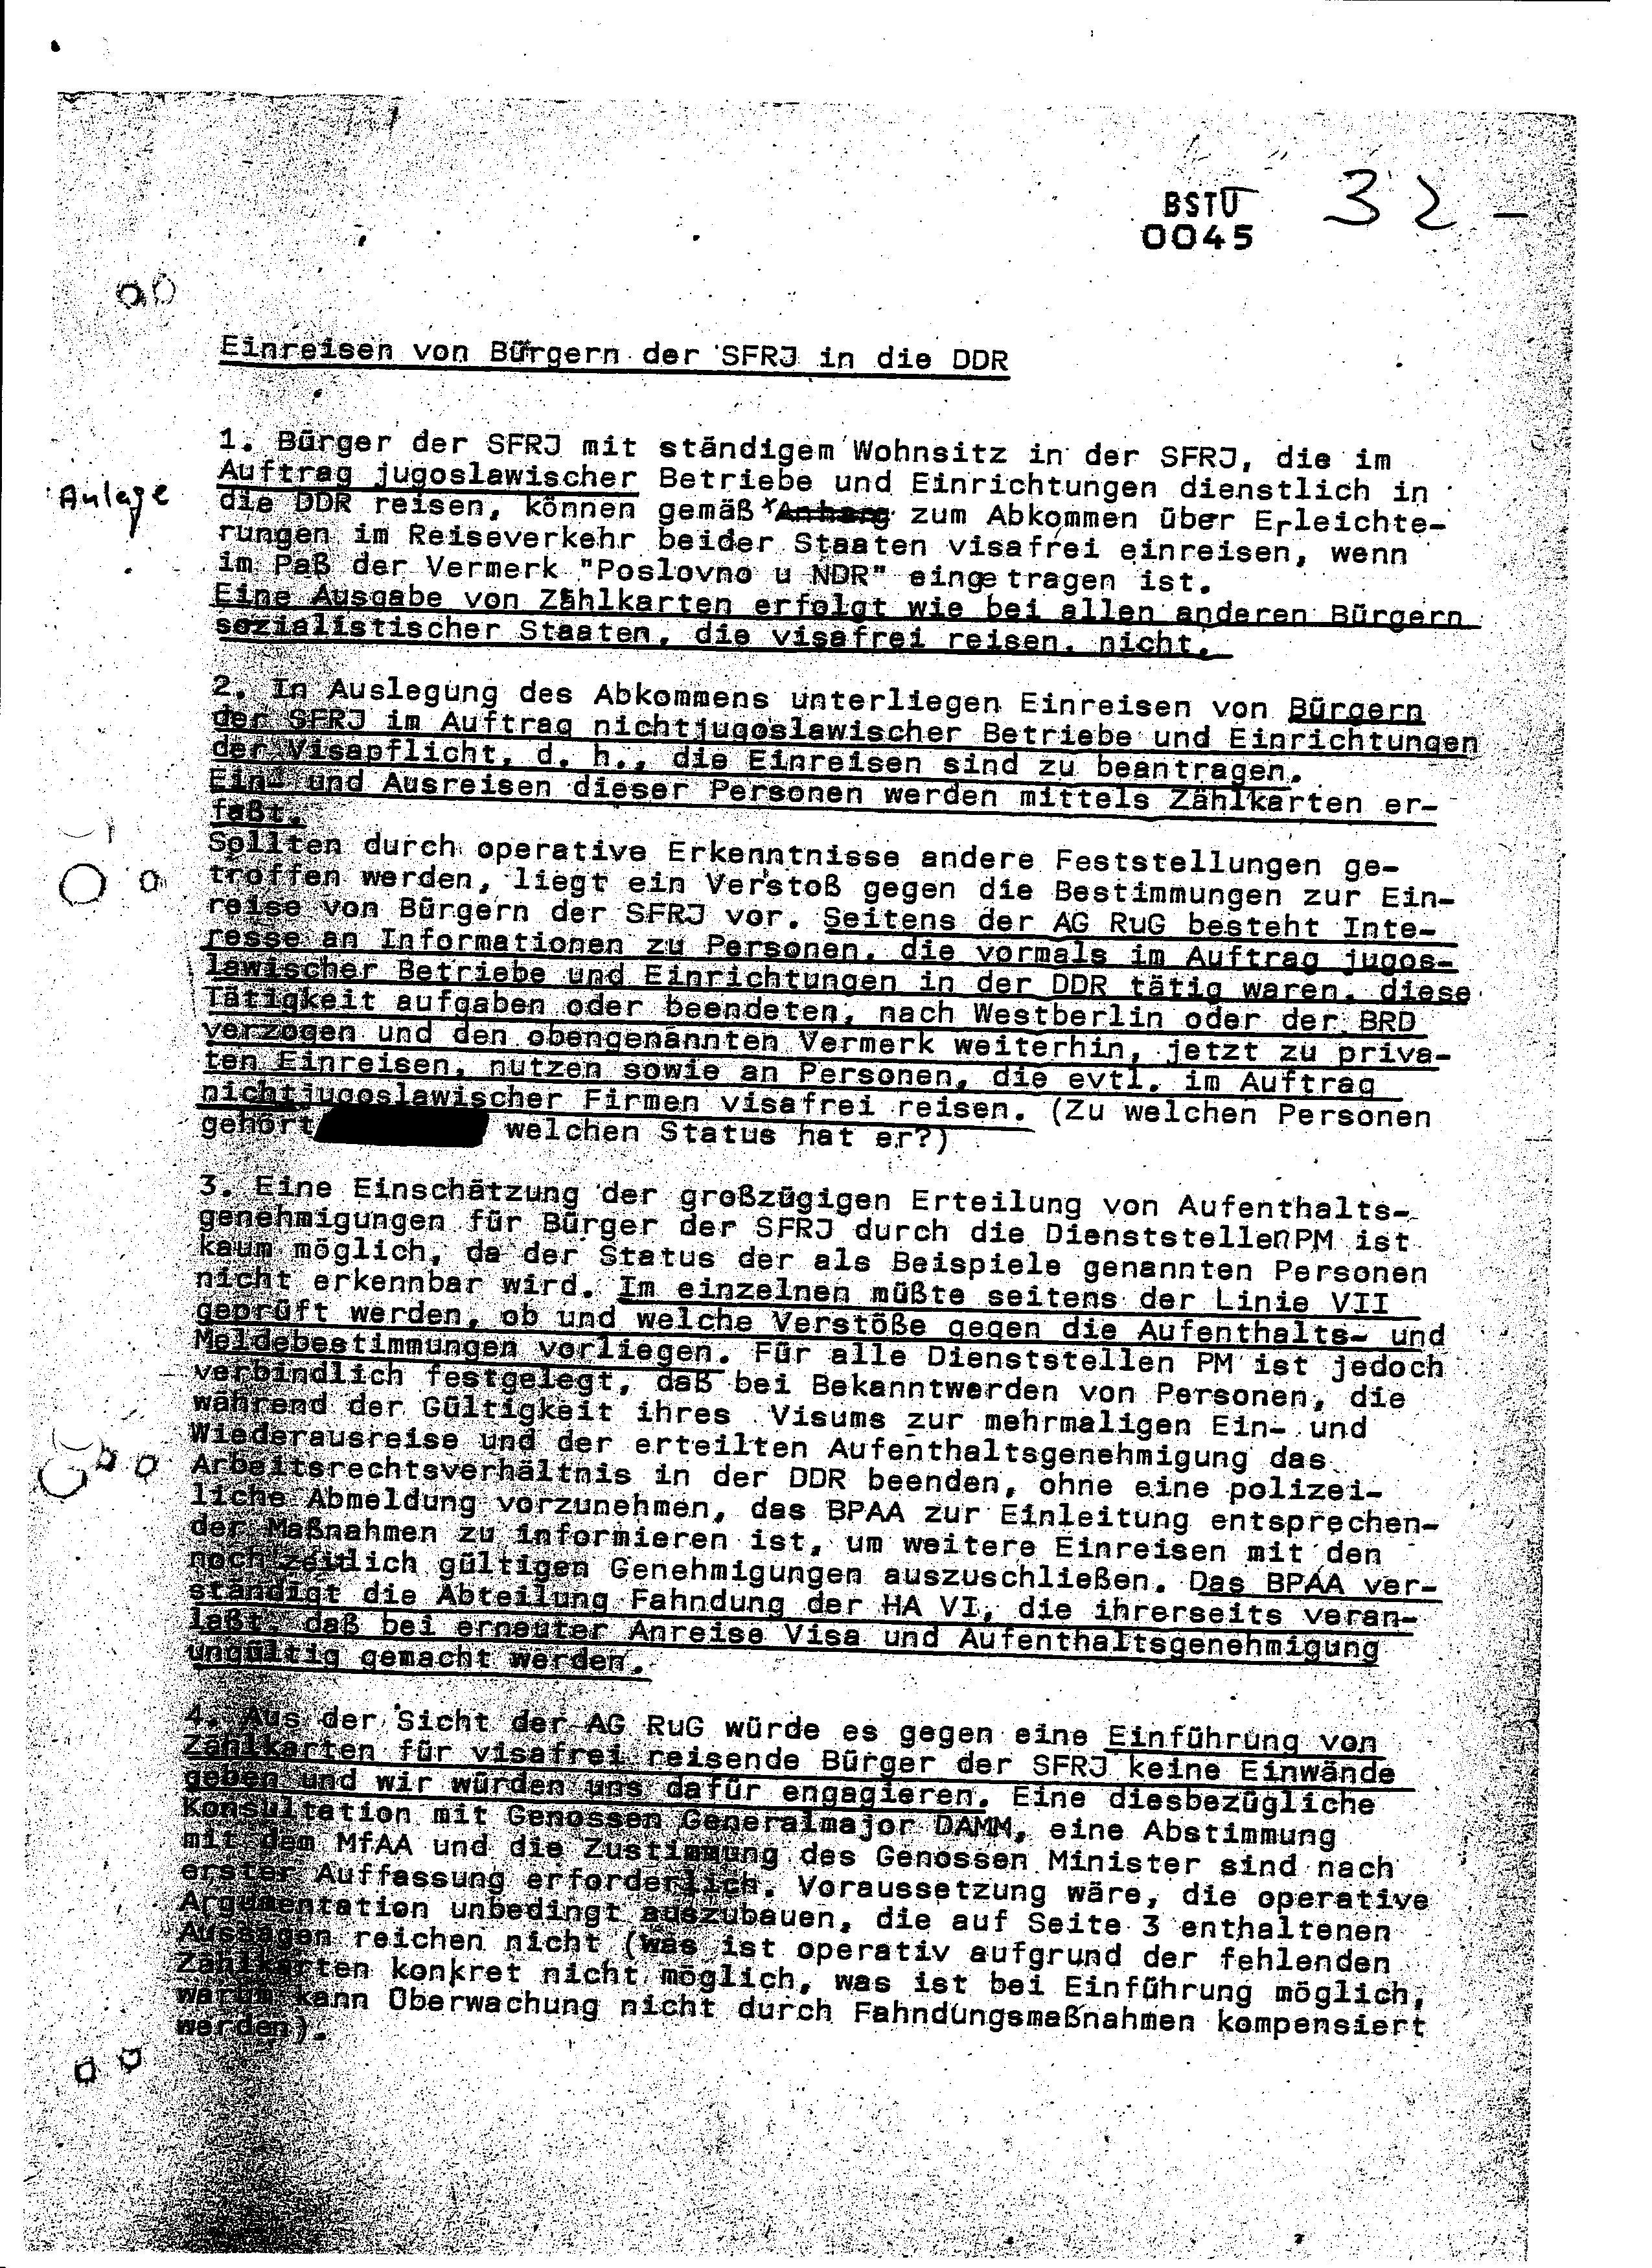 Die STASDI musste zugeben dass sie keinen Überblik über die an den Investitionsbauvorhaben der DDR tätigen Jugoslawen hat und schon gar nicht über ihre Reisetätigkeit und andere Aktivitäten. Die STASI übersah jahrelang dass eine Wirtschaftsdiversion im Gange ist, die vor ihrer Nase und blinden Augen ablief. Eine Reform der Einreiseregelung musste her für die Bürger der SFRJ.